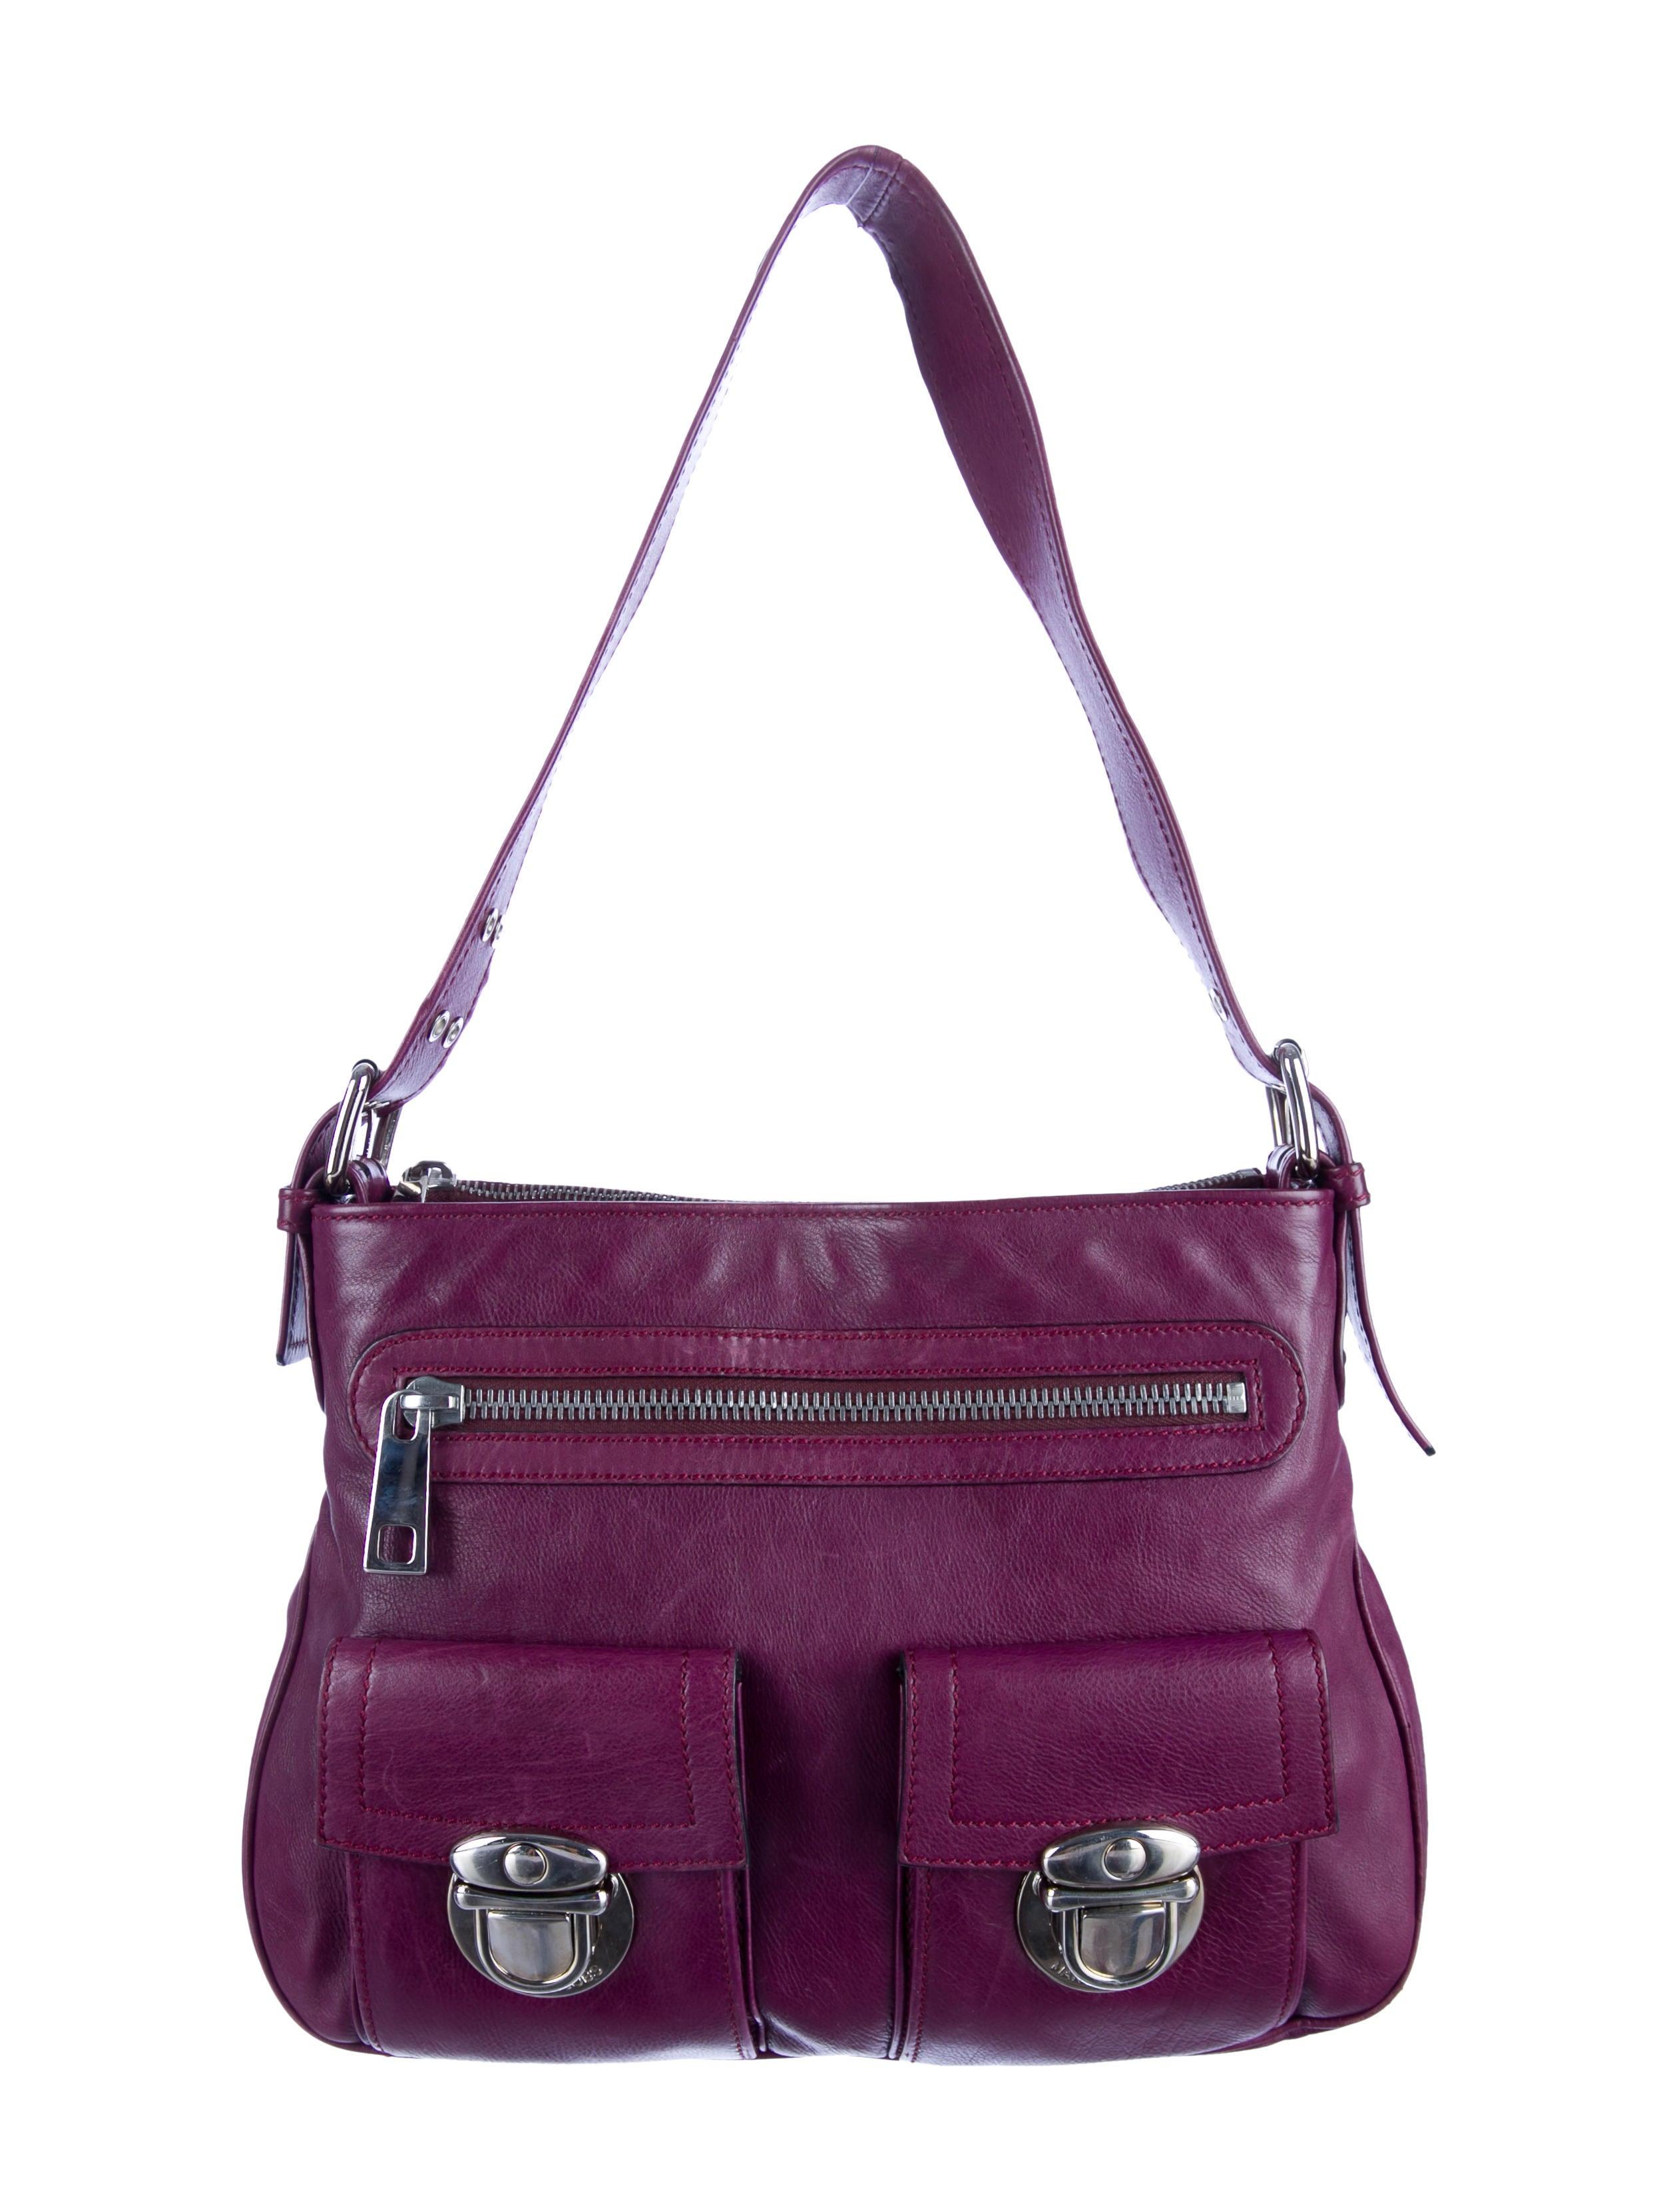 Marc Jacobs Shoulder Bag - Handbags